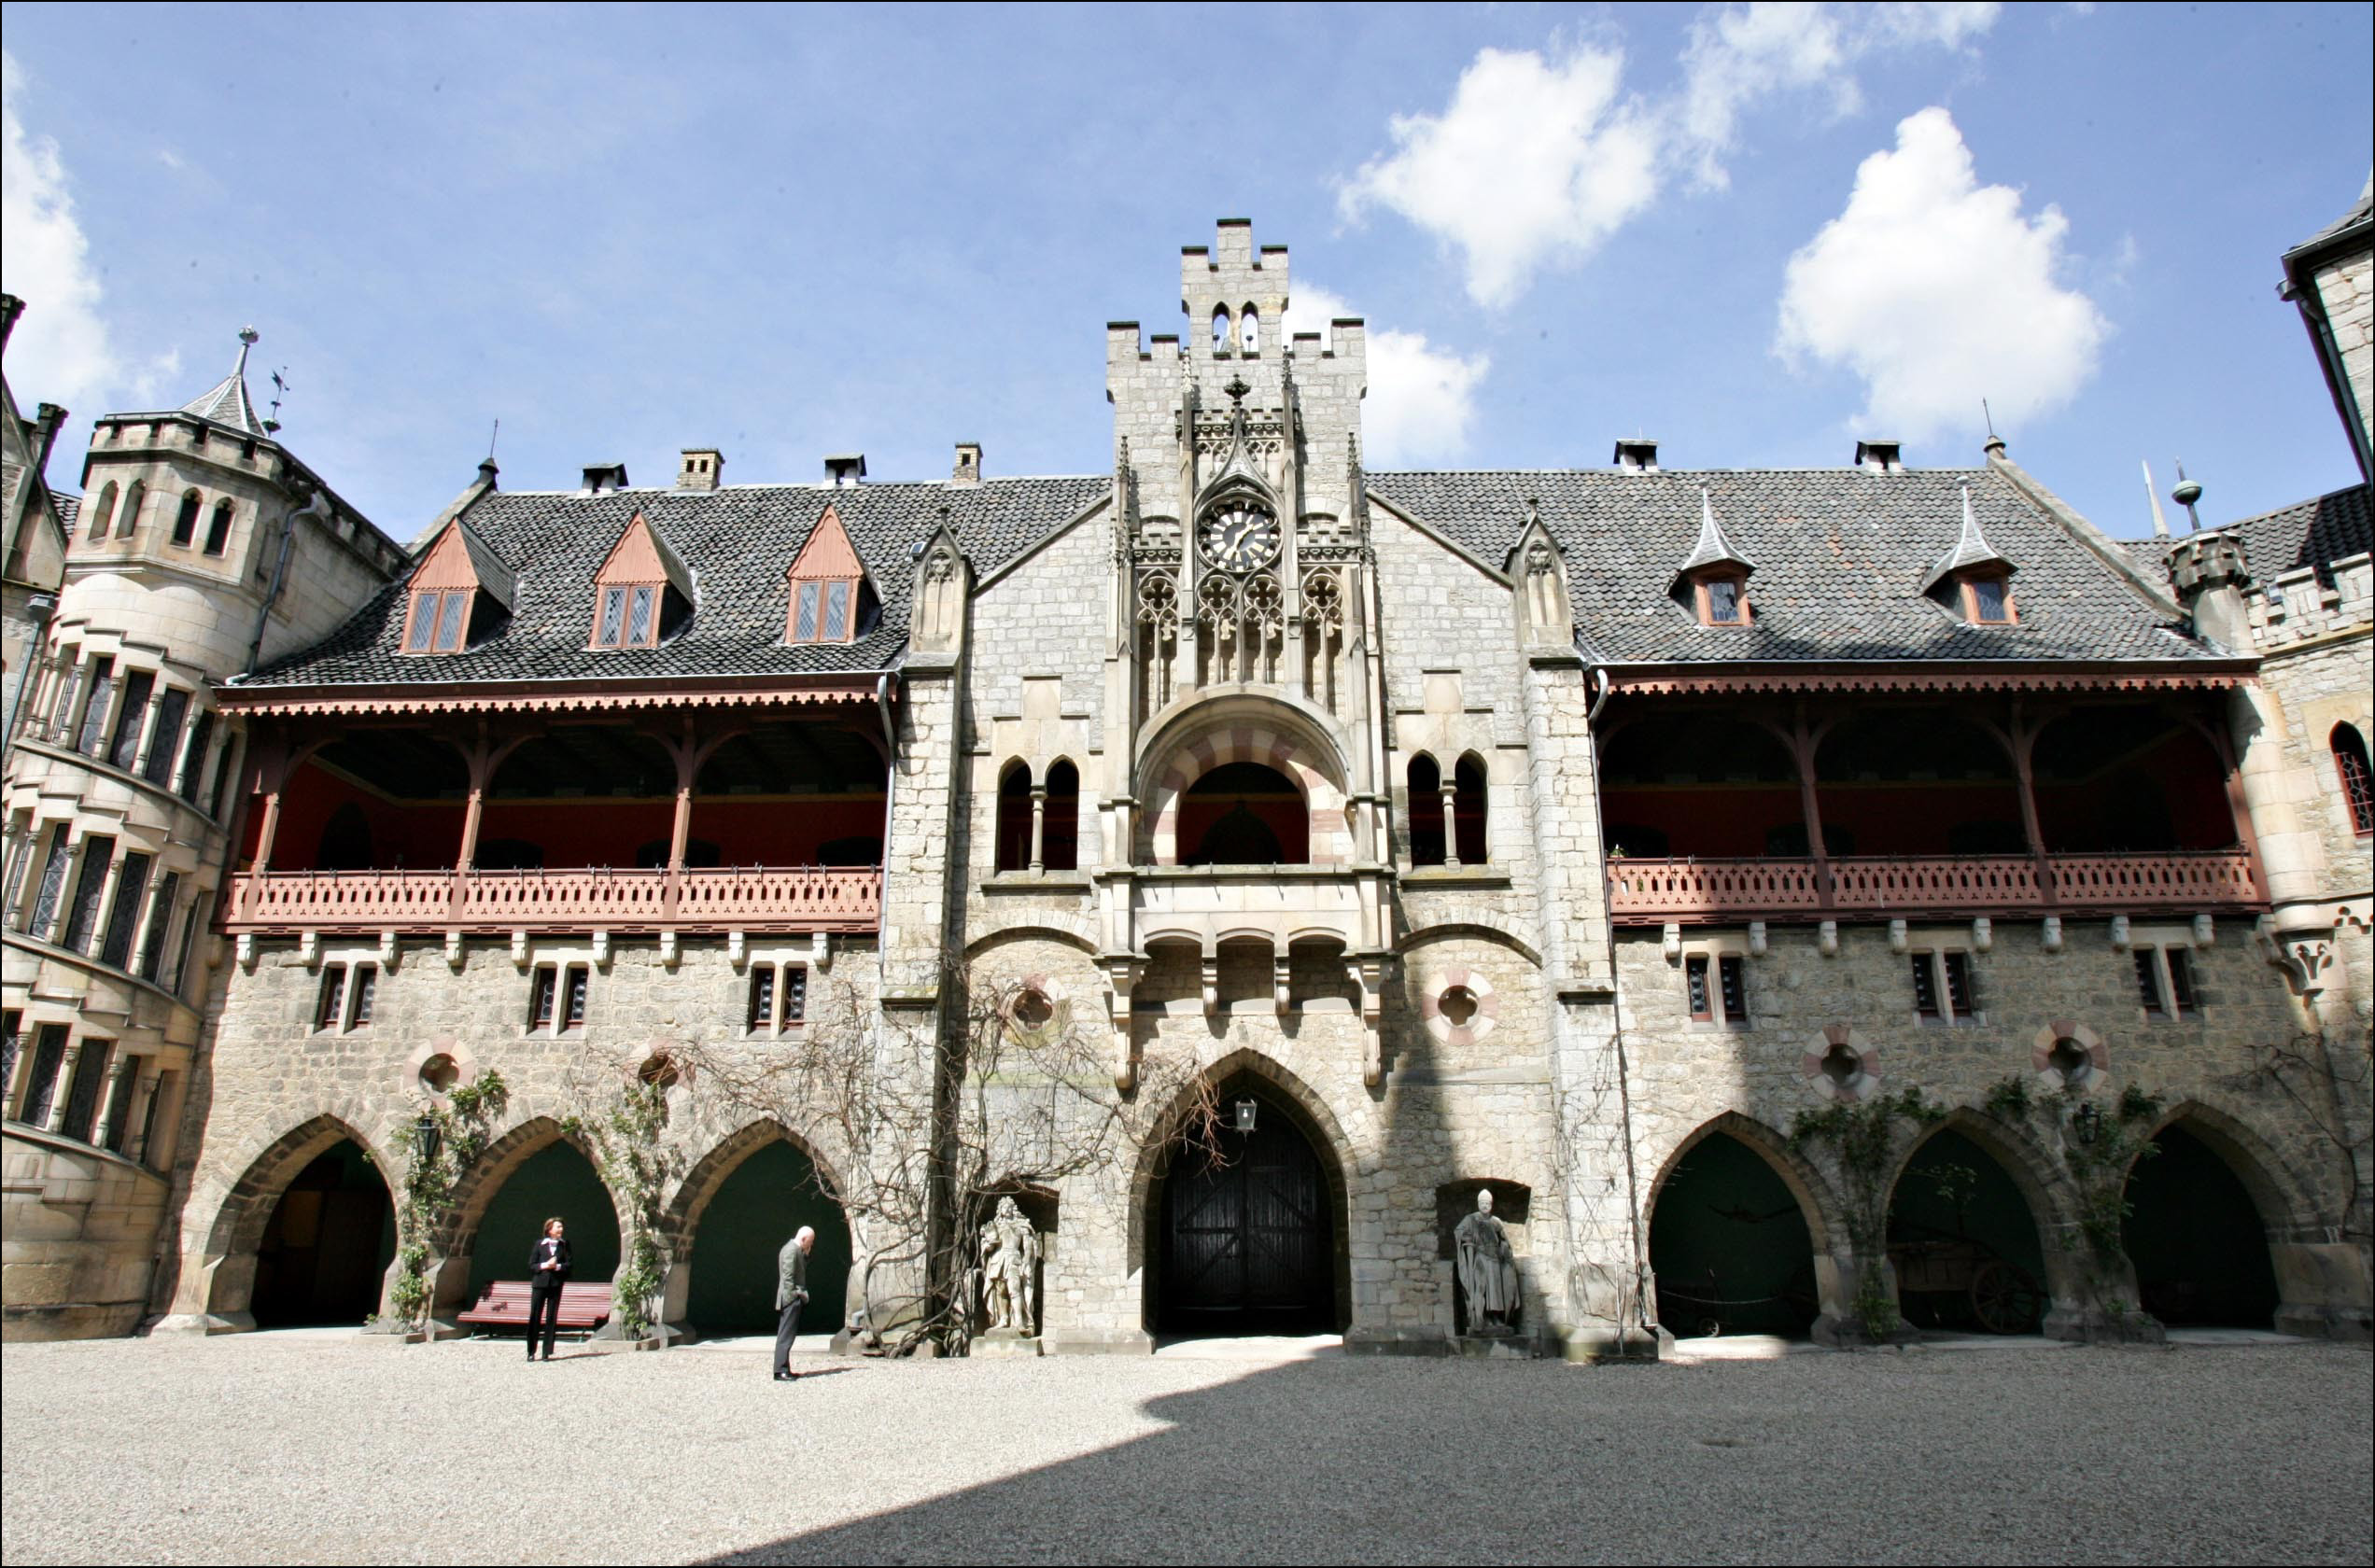 O nobre vendeu a propriedade por um euro ao Estado